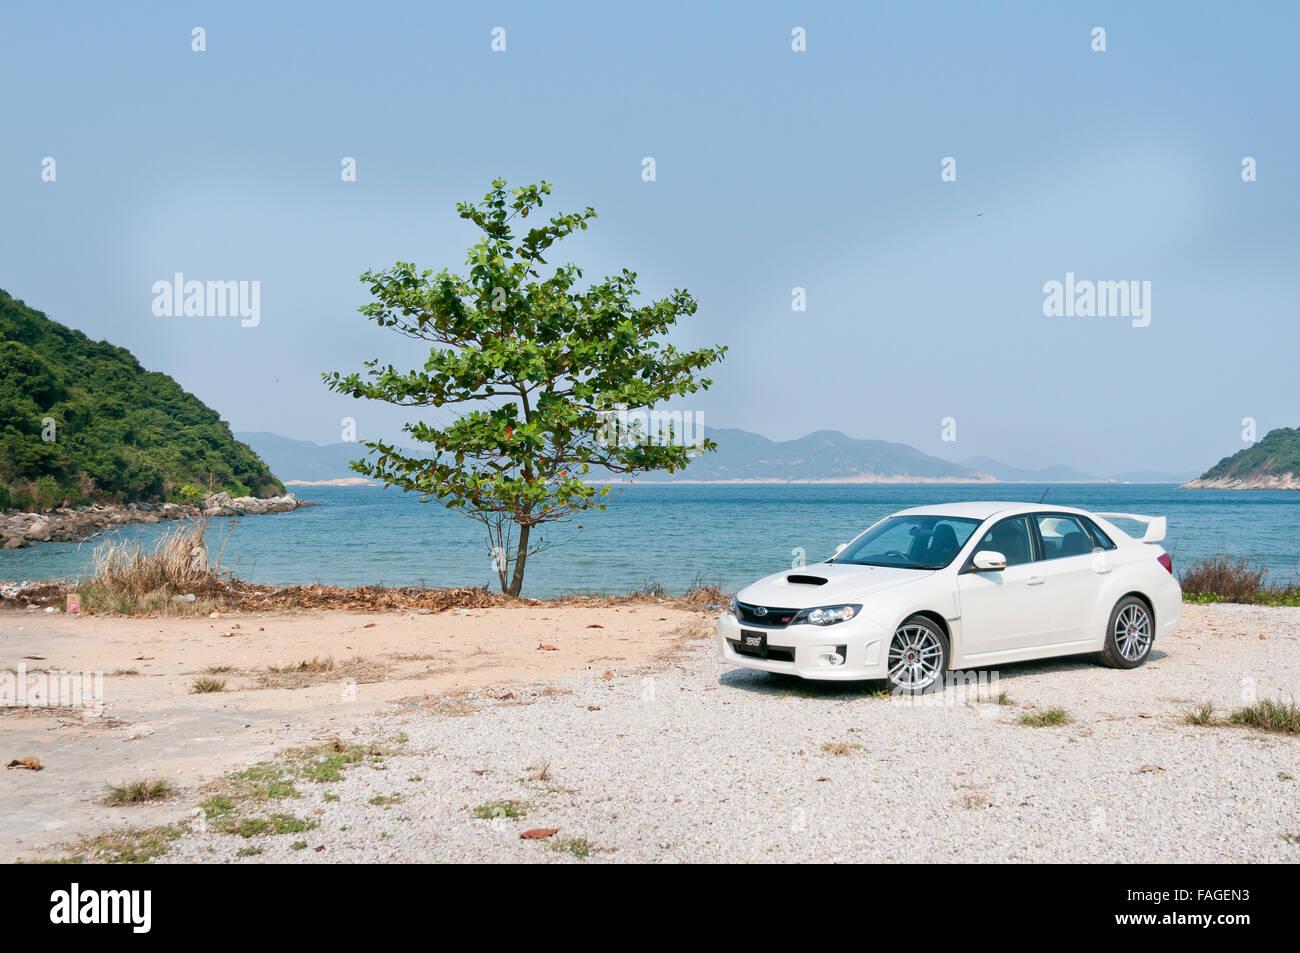 Subaru Wrx Sti Stock Photos & Subaru Wrx Sti Stock Images - Page 2 ...